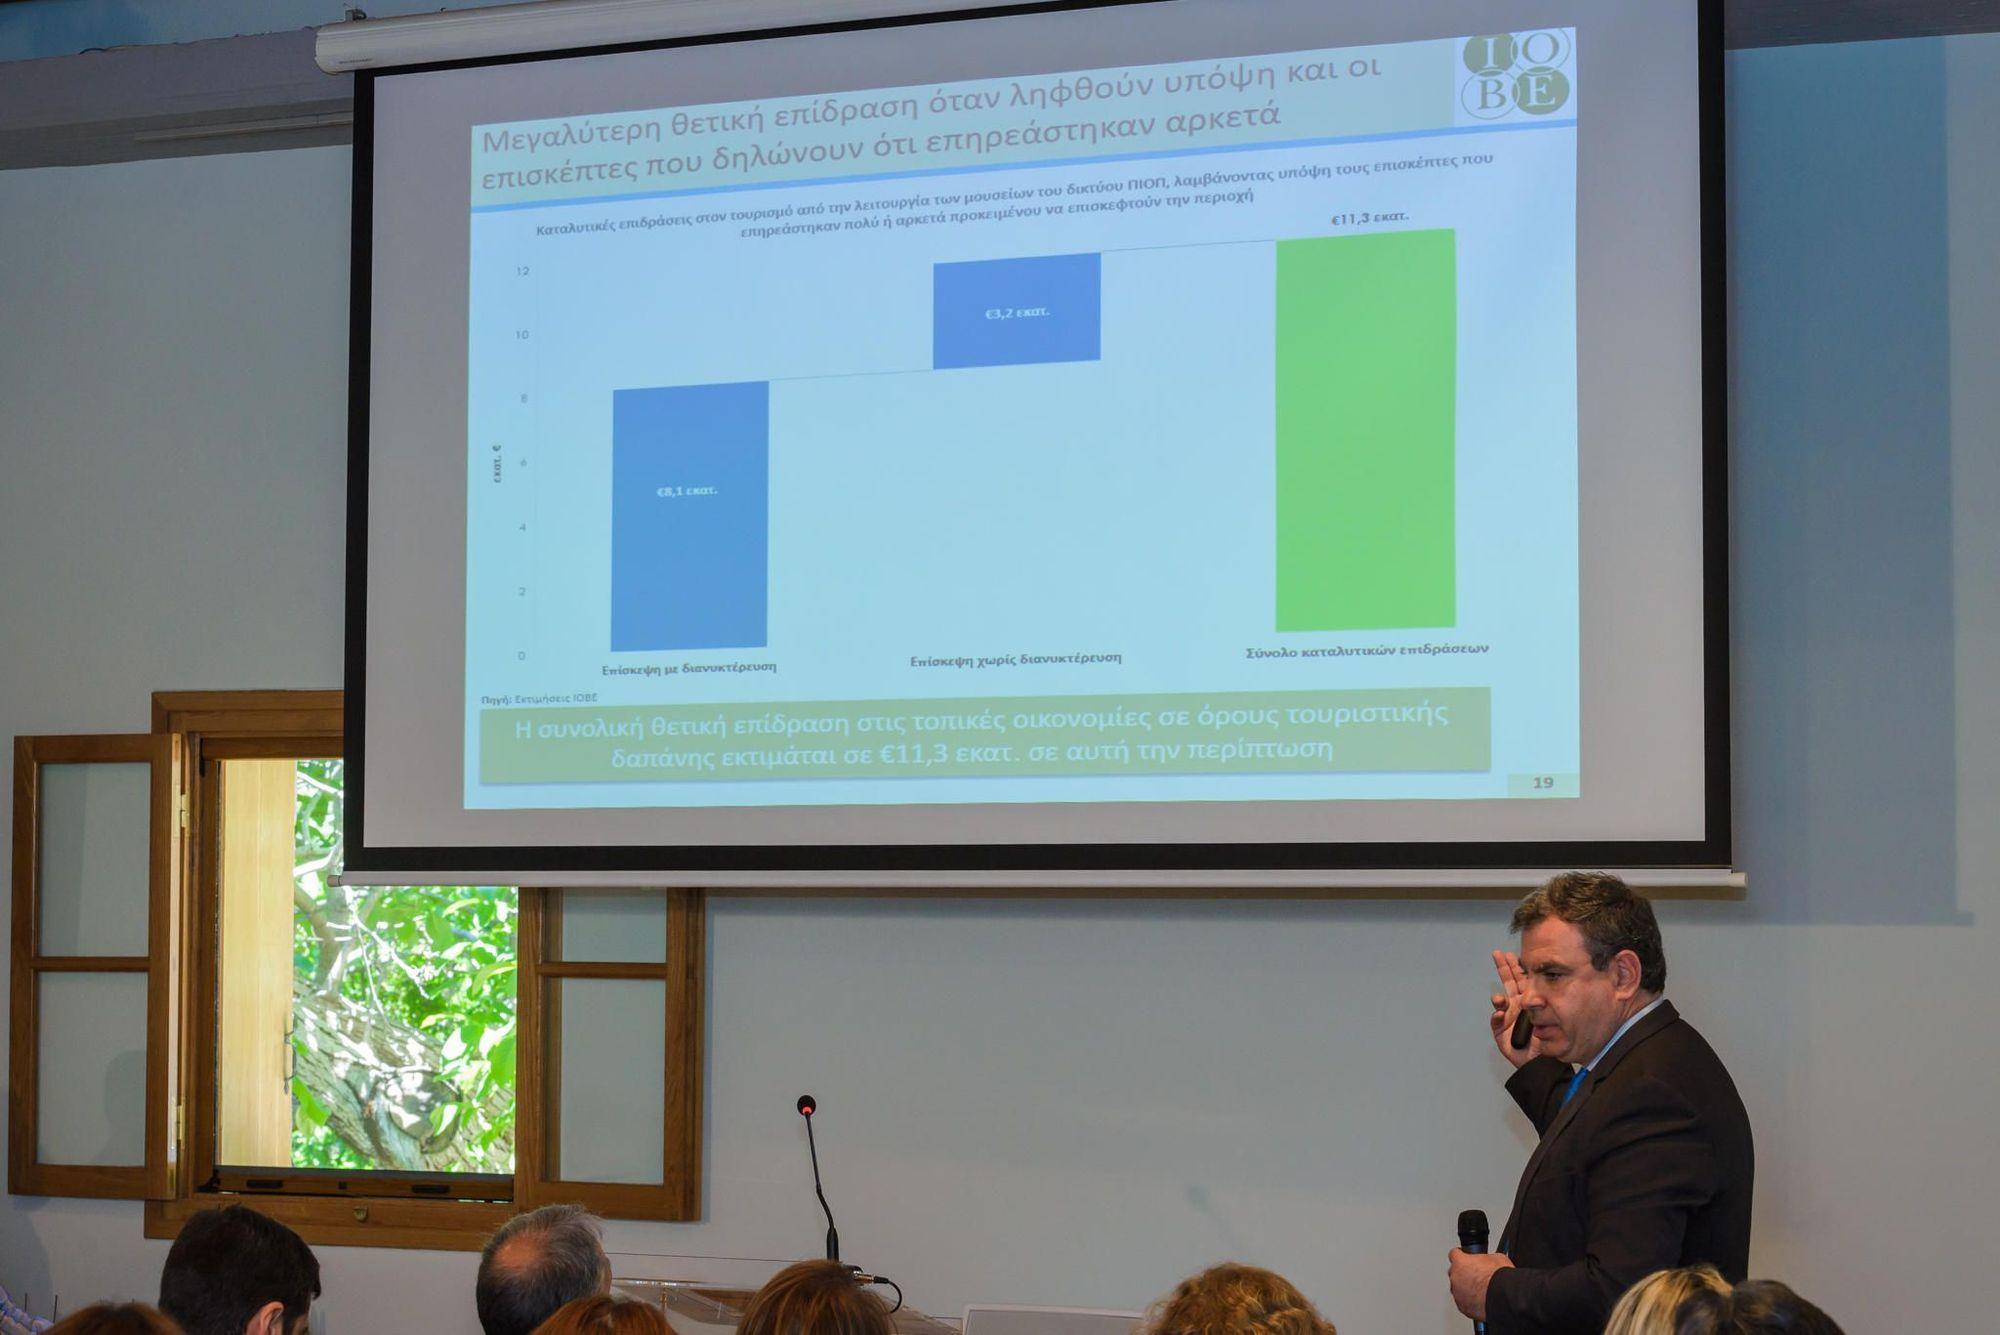 Ο Γενικός Διευθυντής του ΙΟΒΕ, κ. Νίκος Βέττας, κατά την παρουσίαση της μελέτης για την αποτίμηση των κοινωνικοοικονομικών επιδράσεων από τη λειτουργία των Μουσείων ΠΙΟΠ.